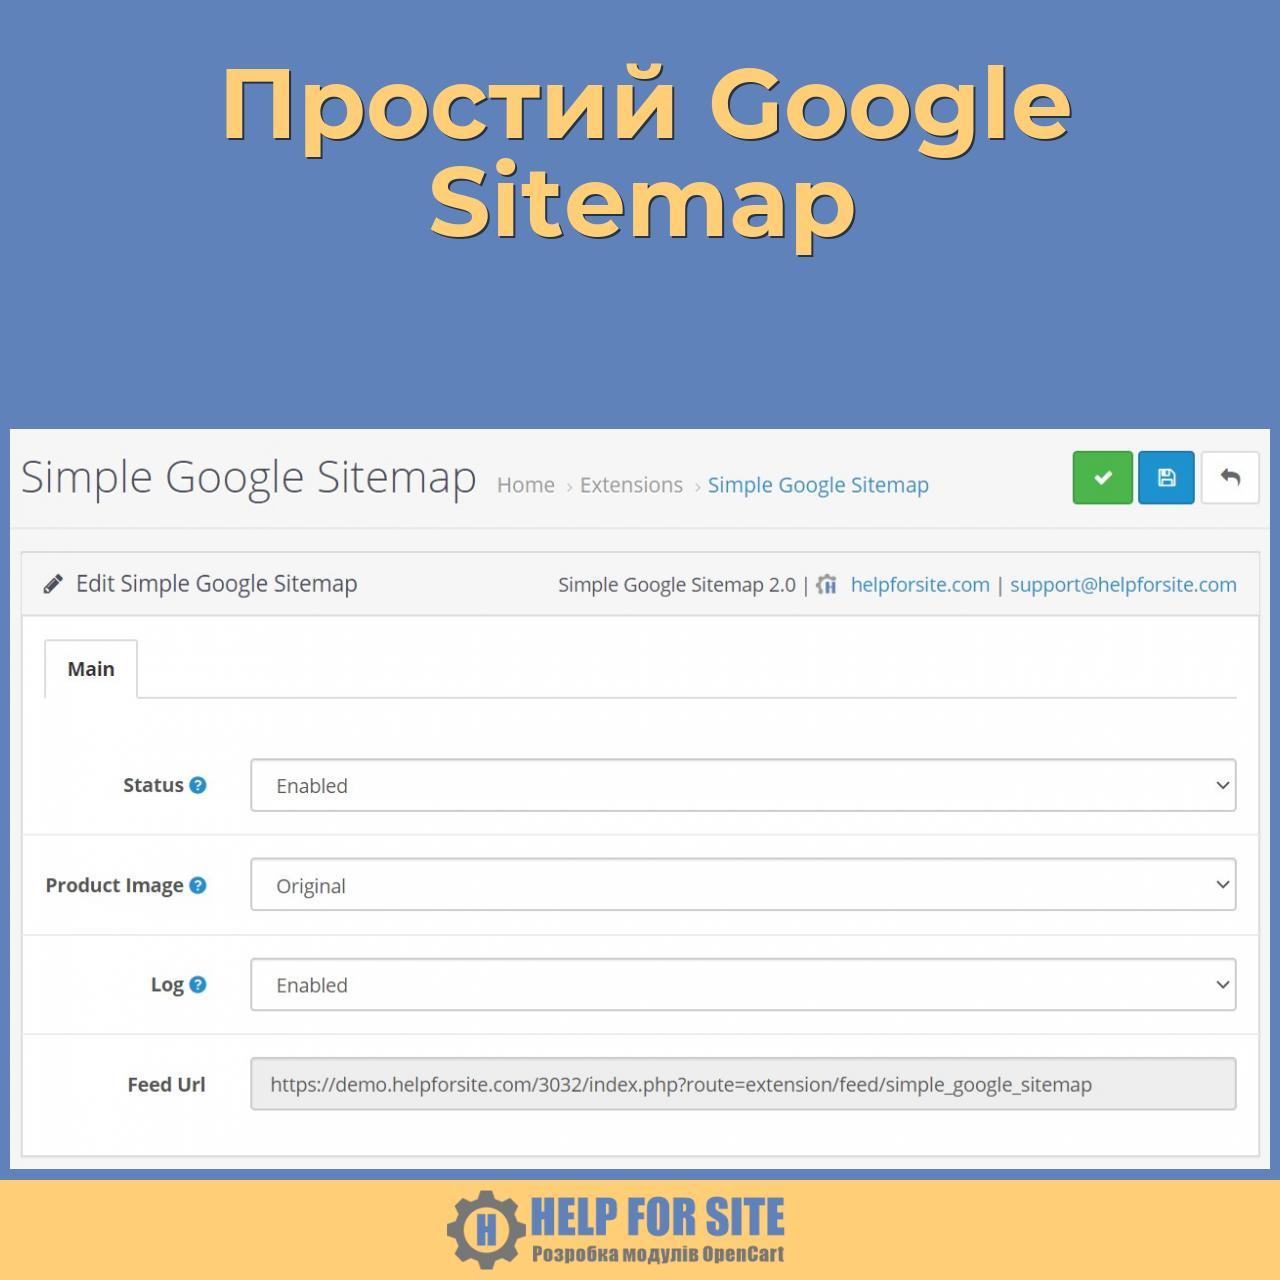 Простий Google Sitemap